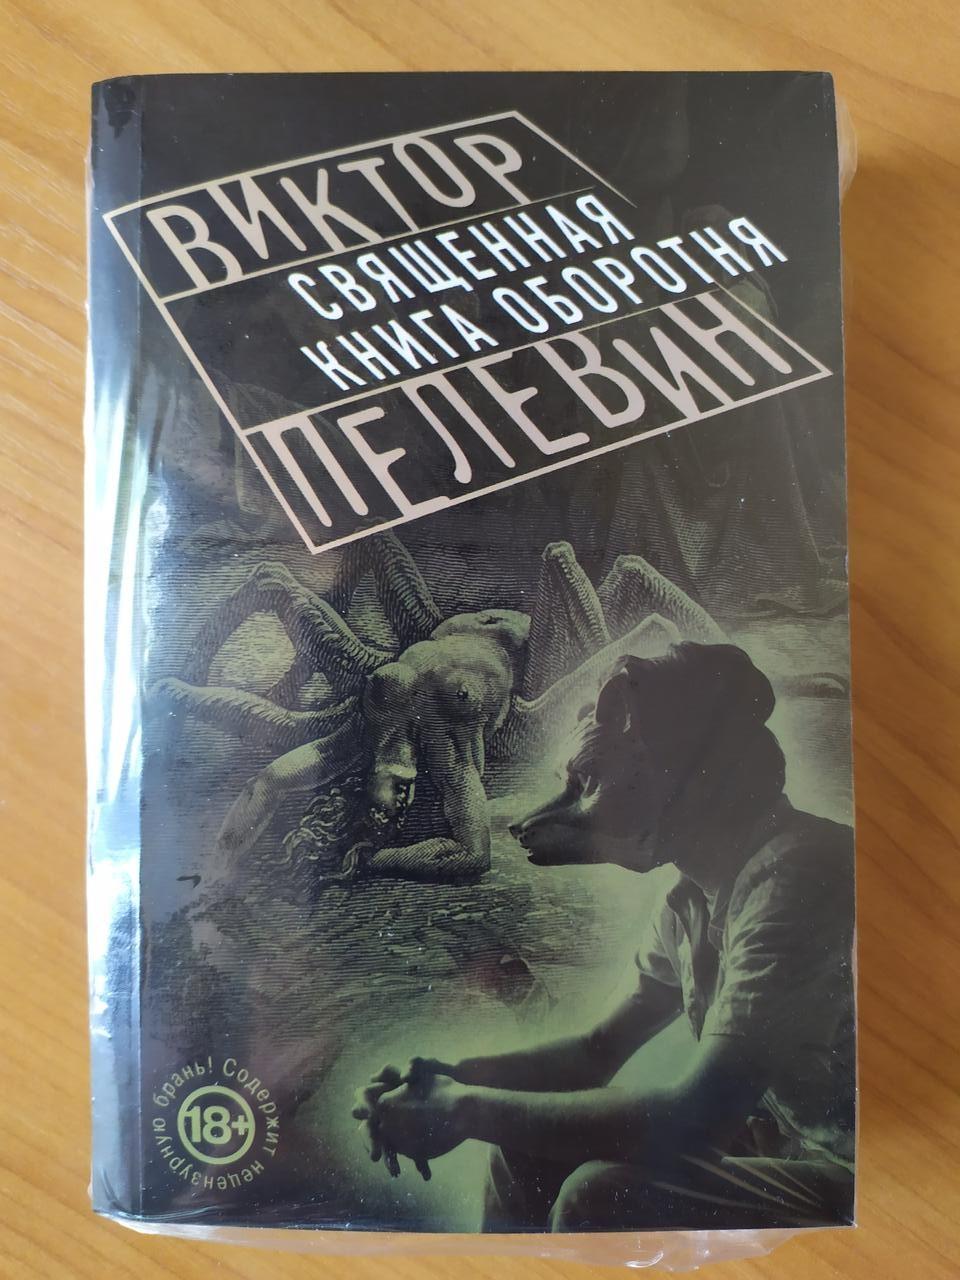 Віктор Пєлєвін. Священна книга перевертня